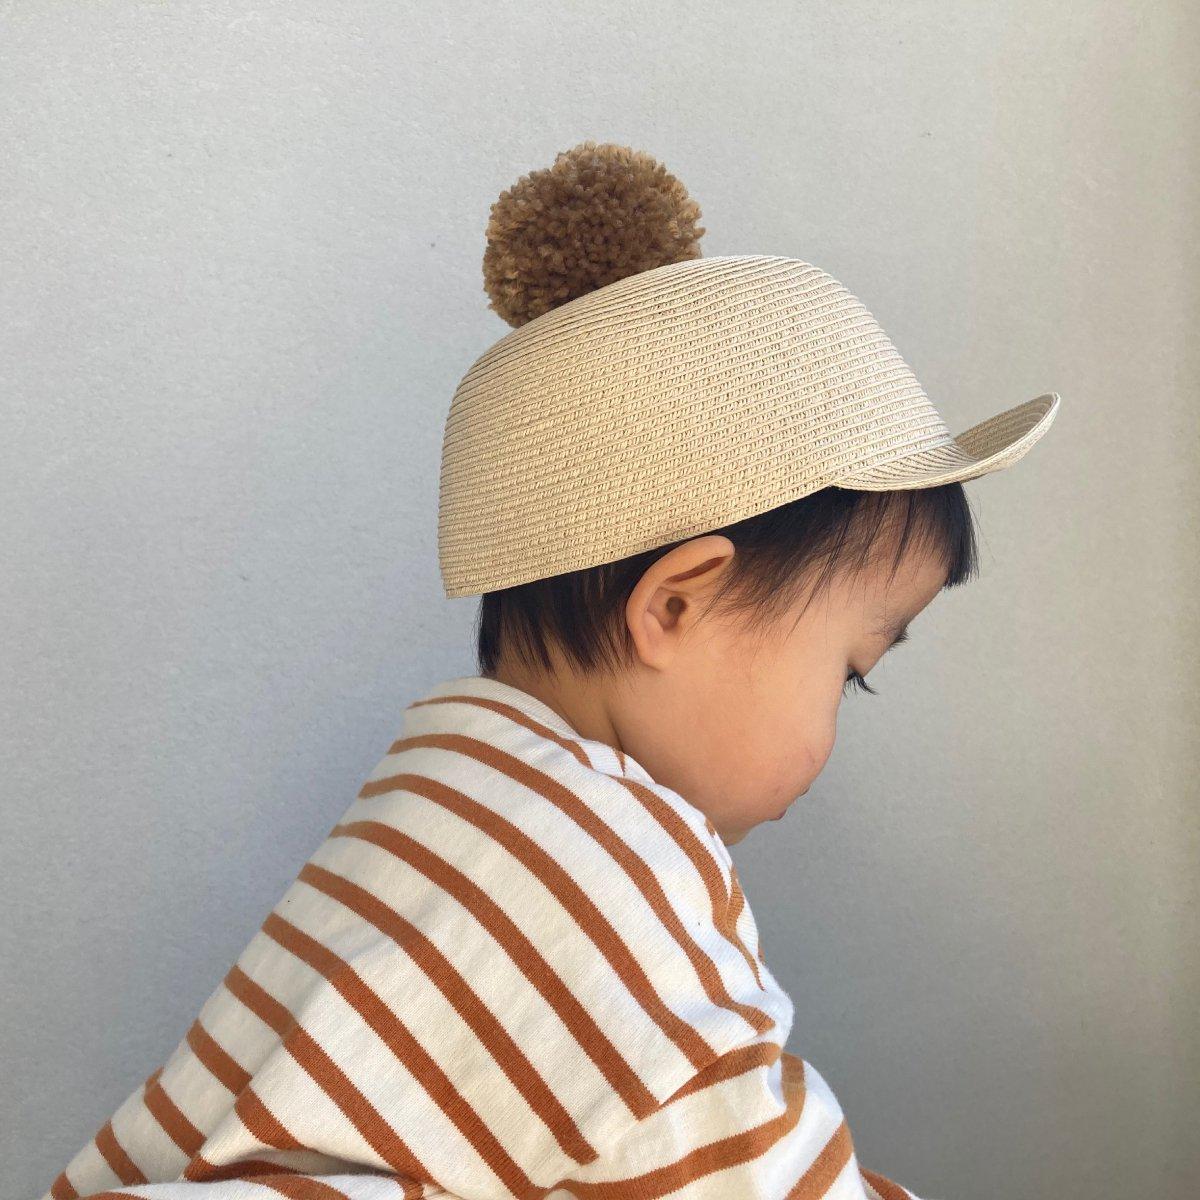 【KIDS】Big Pom Braid Cap 詳細画像12